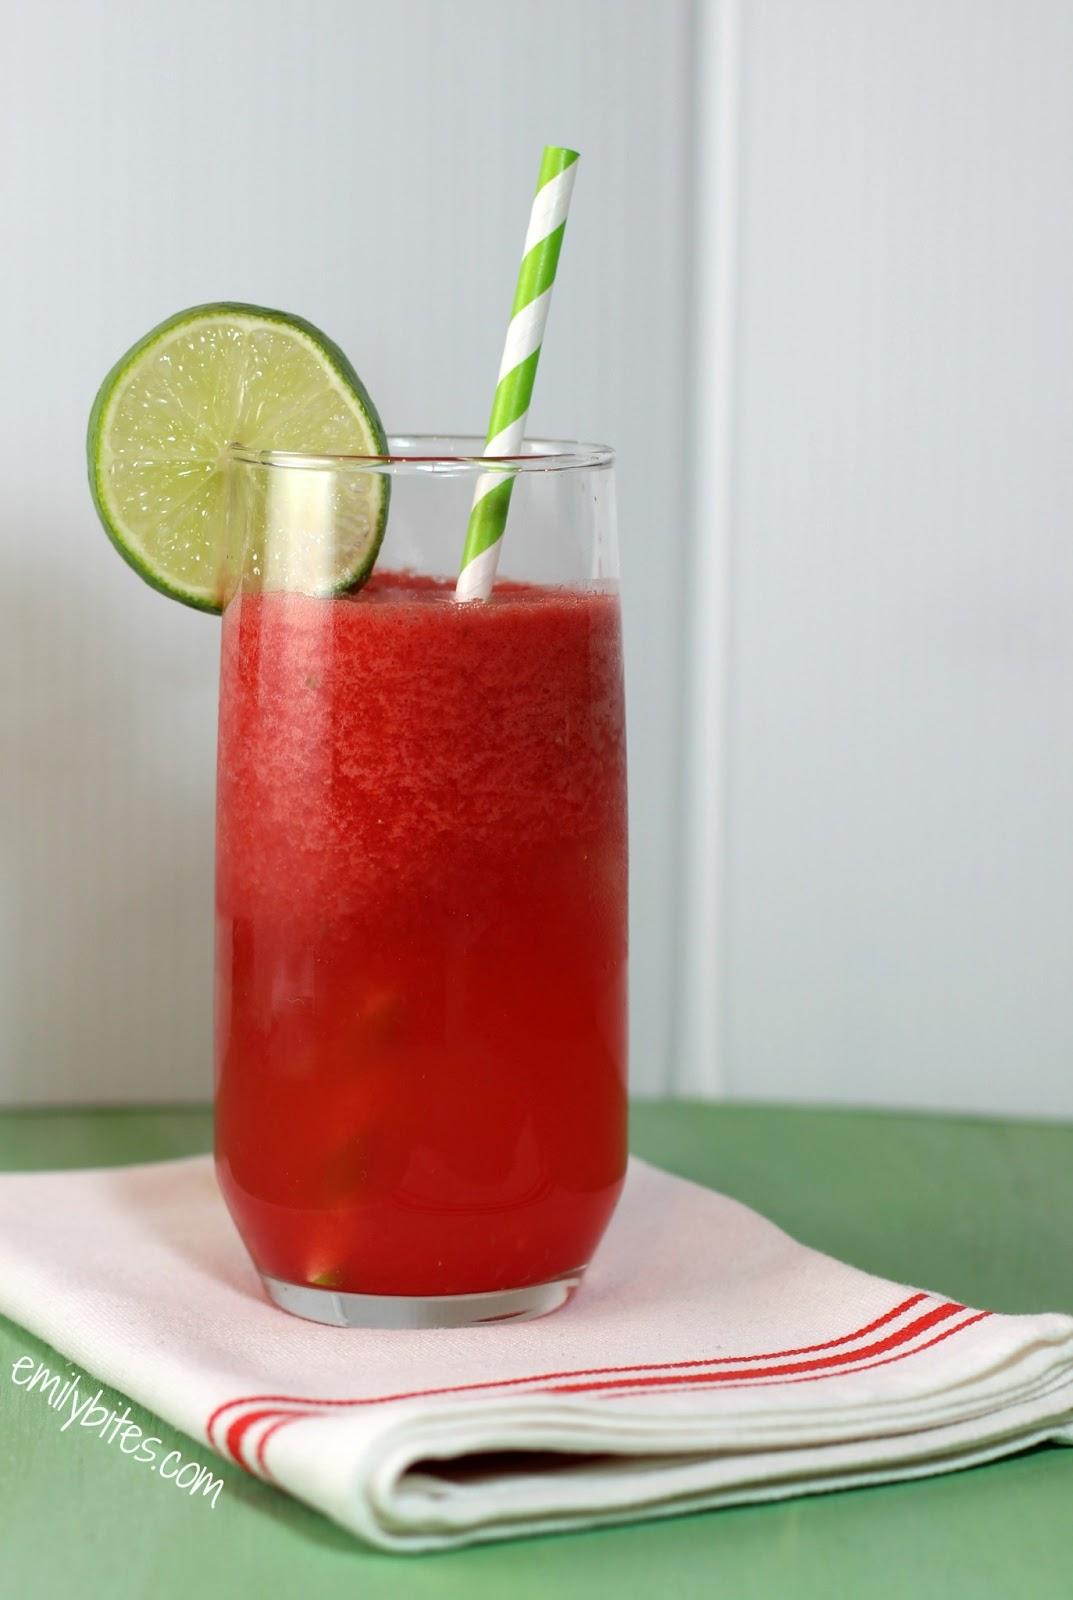 ... fresca pomegranate lime chia fresca melon agua fresca recipe 0